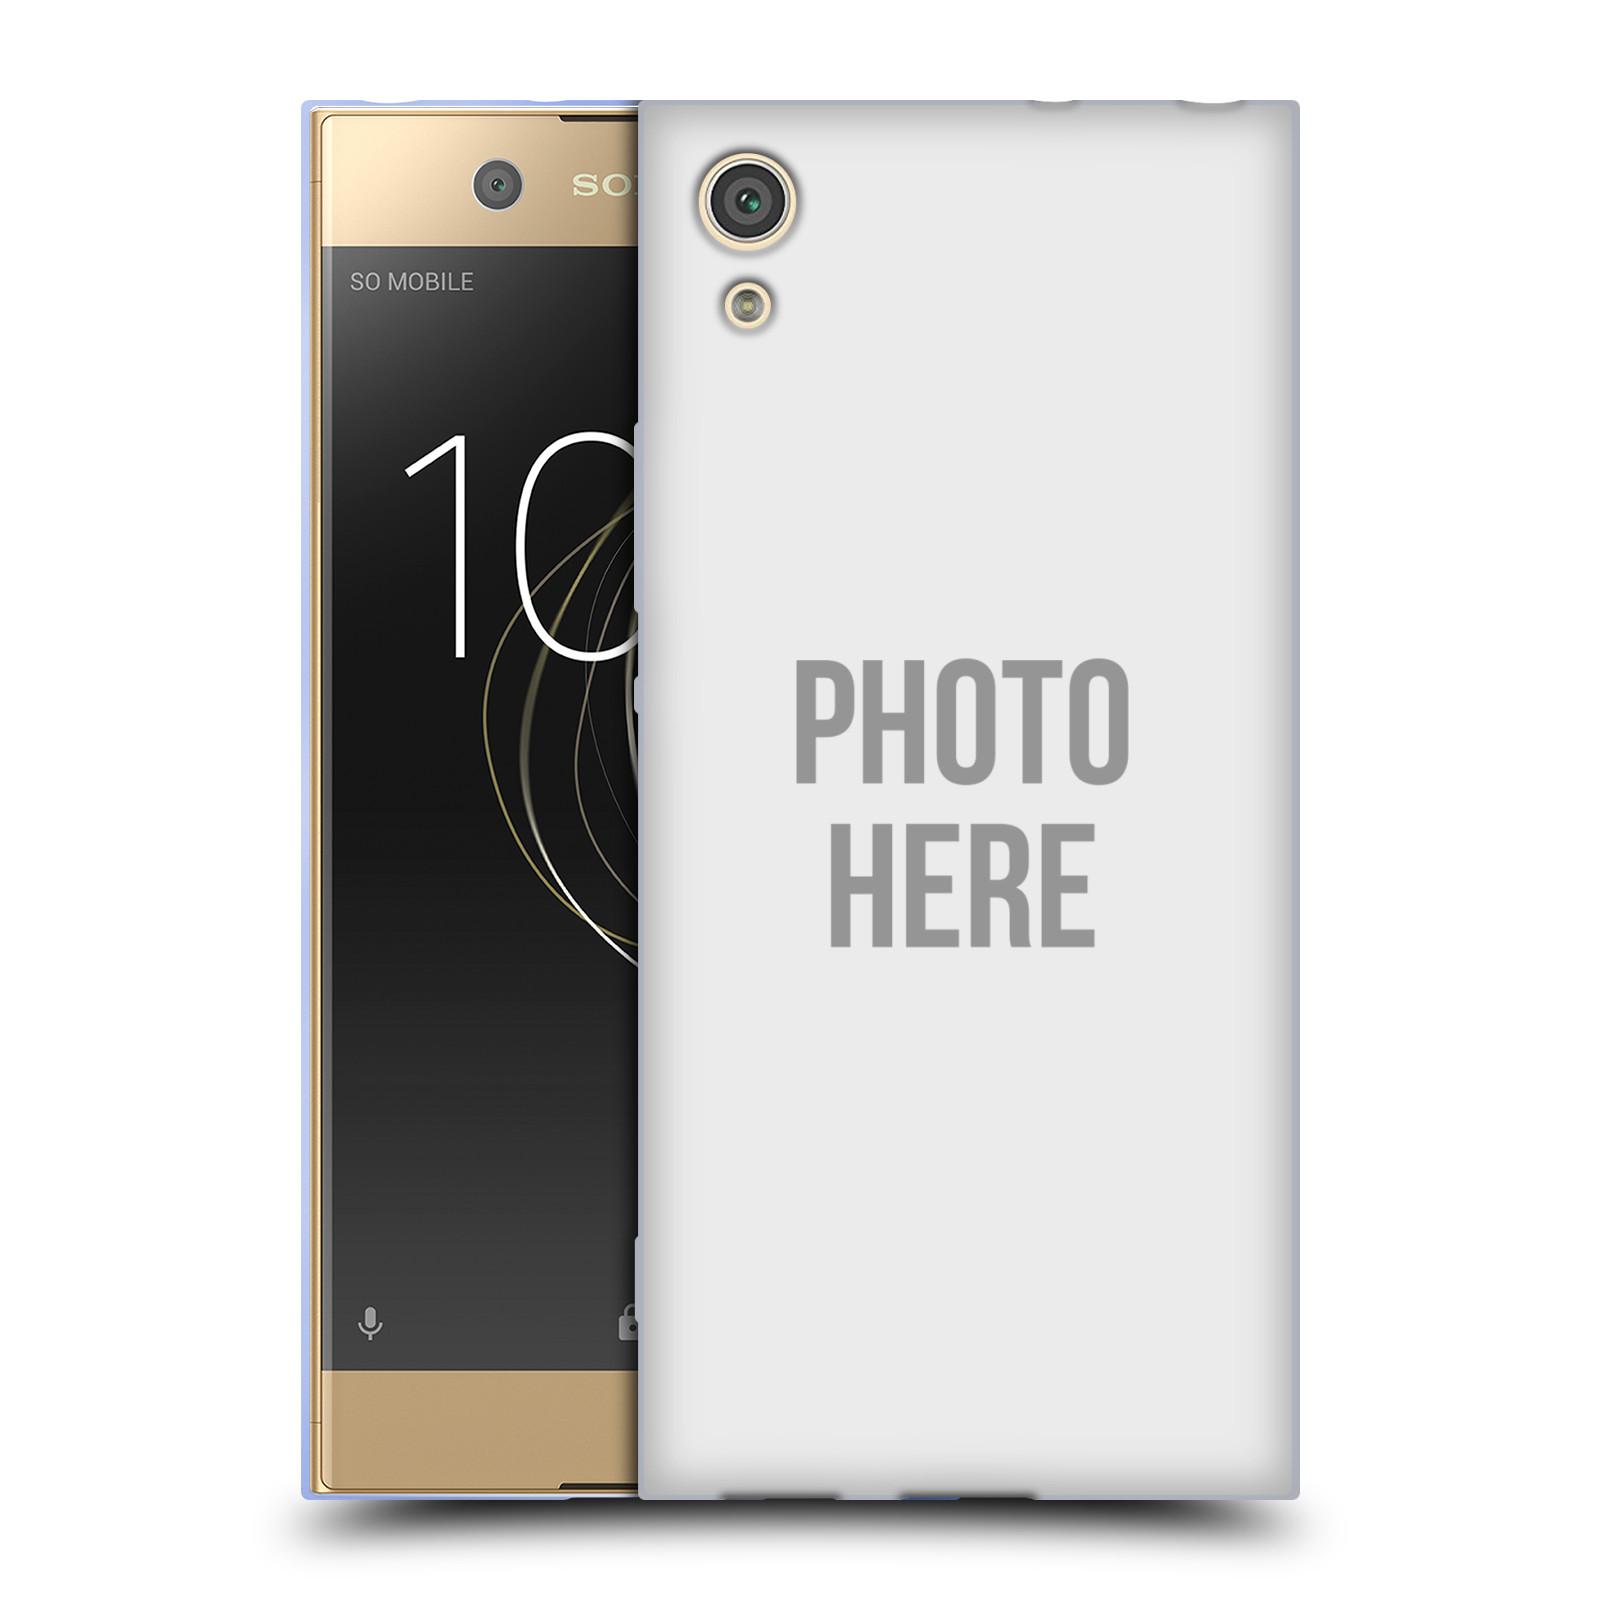 Silikonové pouzdro na mobil Sony Xperia XA1 - Head Case - s vlastním motivem